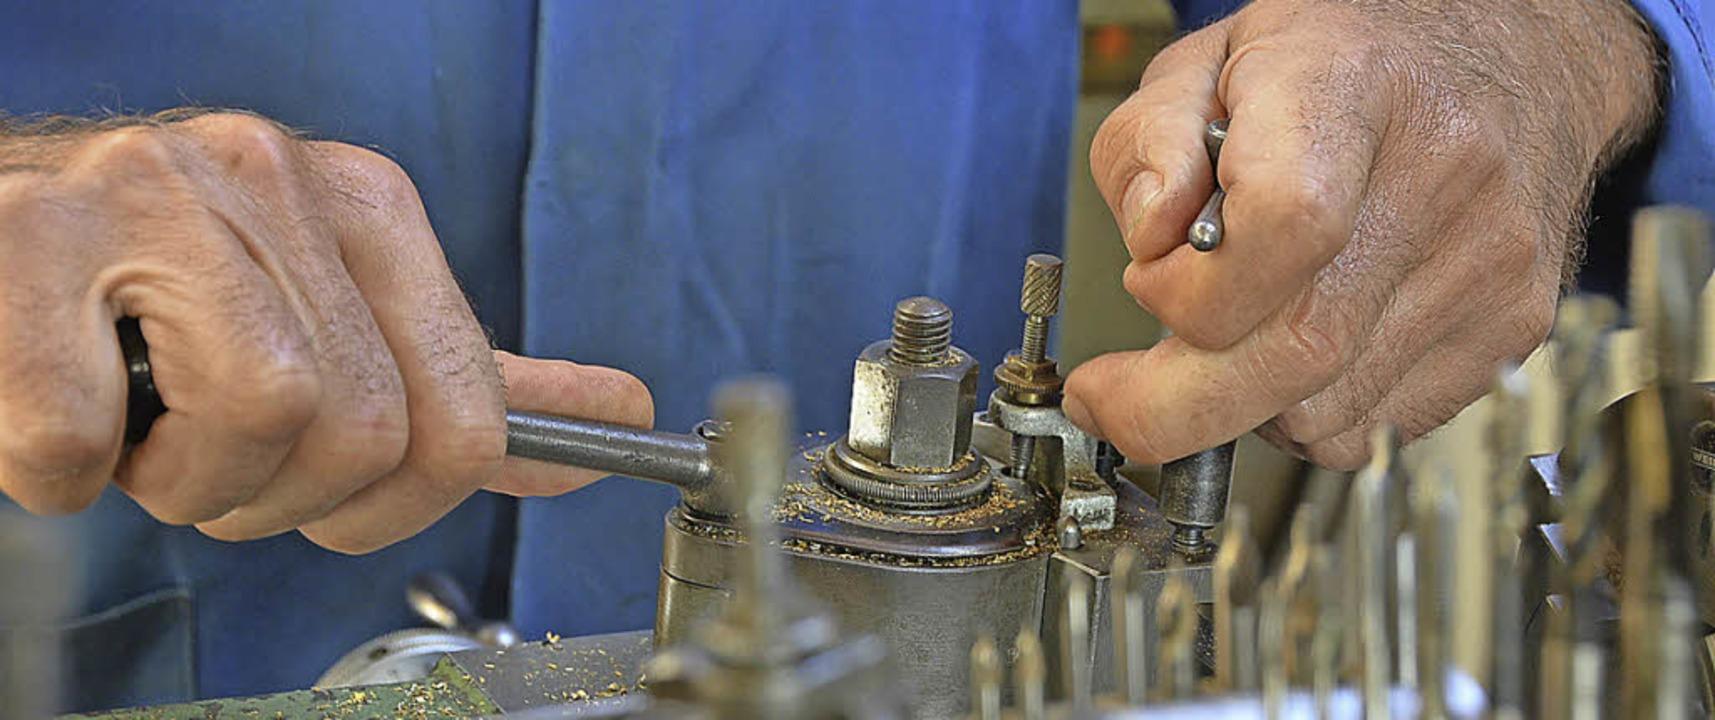 Harald Haas aus Denzlingen  ist stolz ... Stunden Handarbeit restauriert hat.    | Foto: Max Schuler